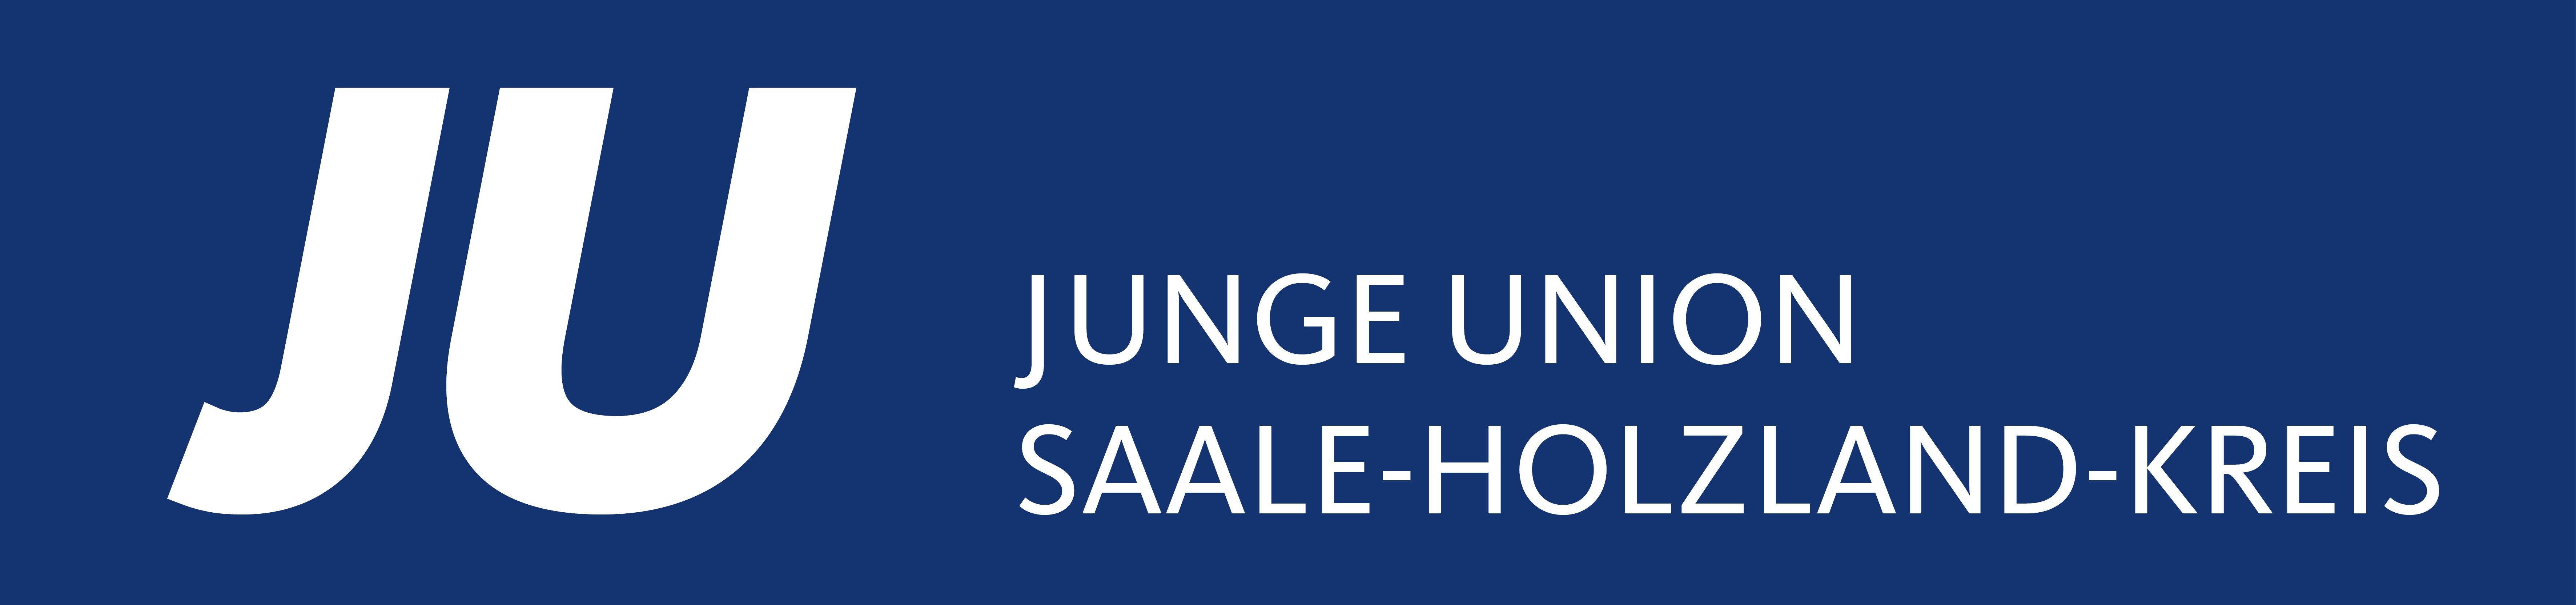 Logo von Junge Union Saale-Holzland-Kreis